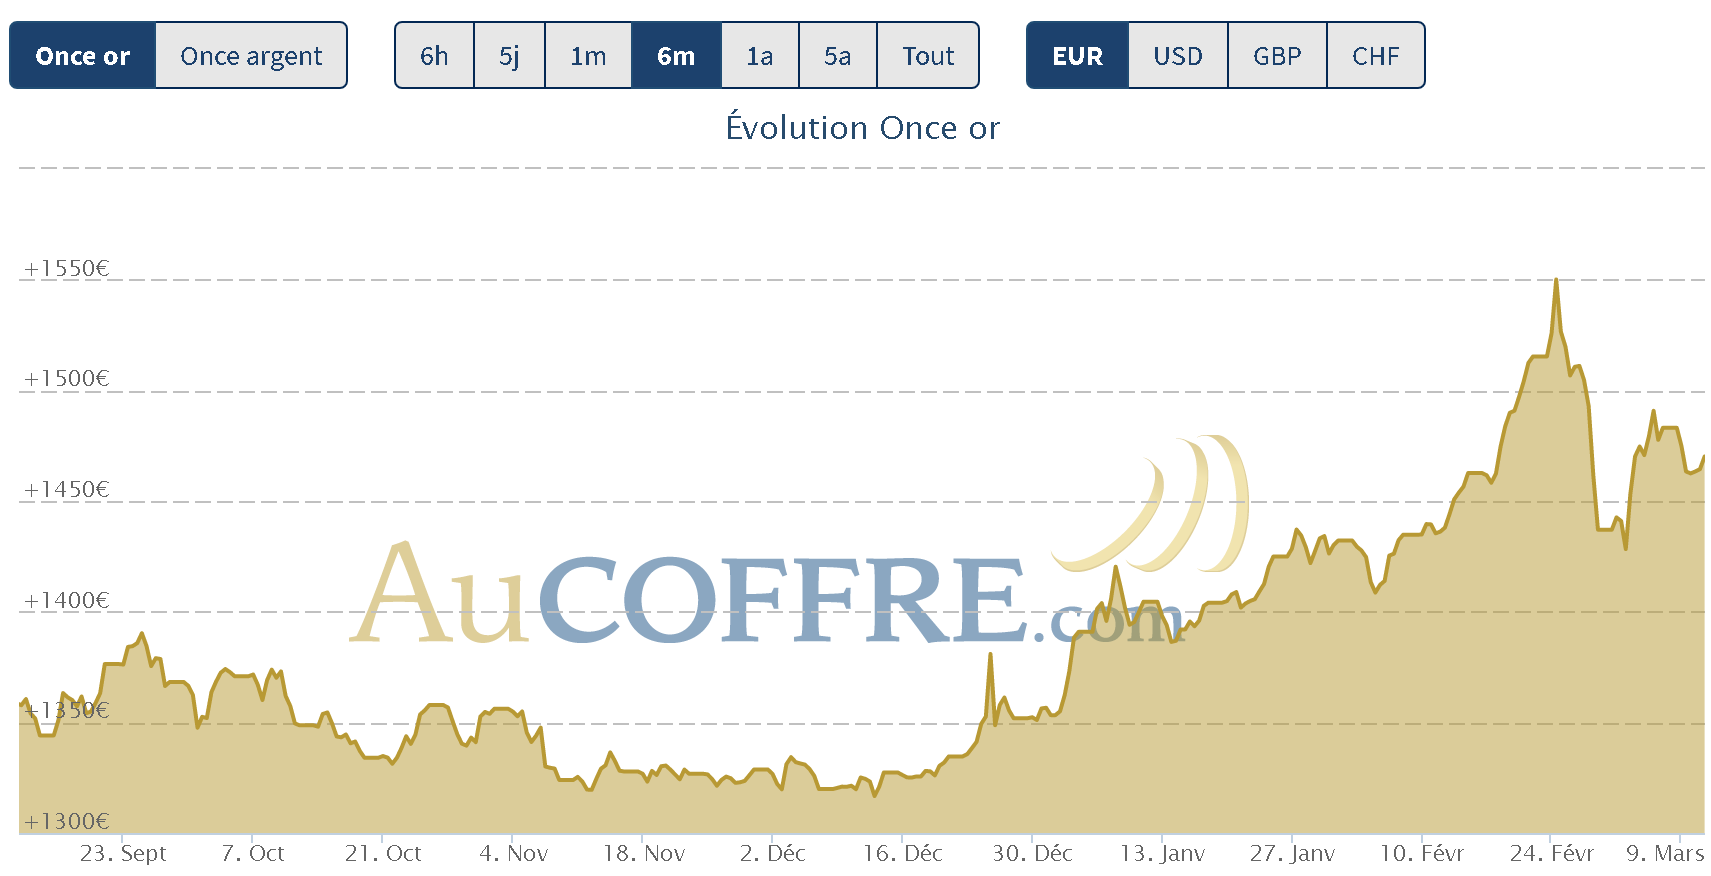 cours de l'or crise boursière